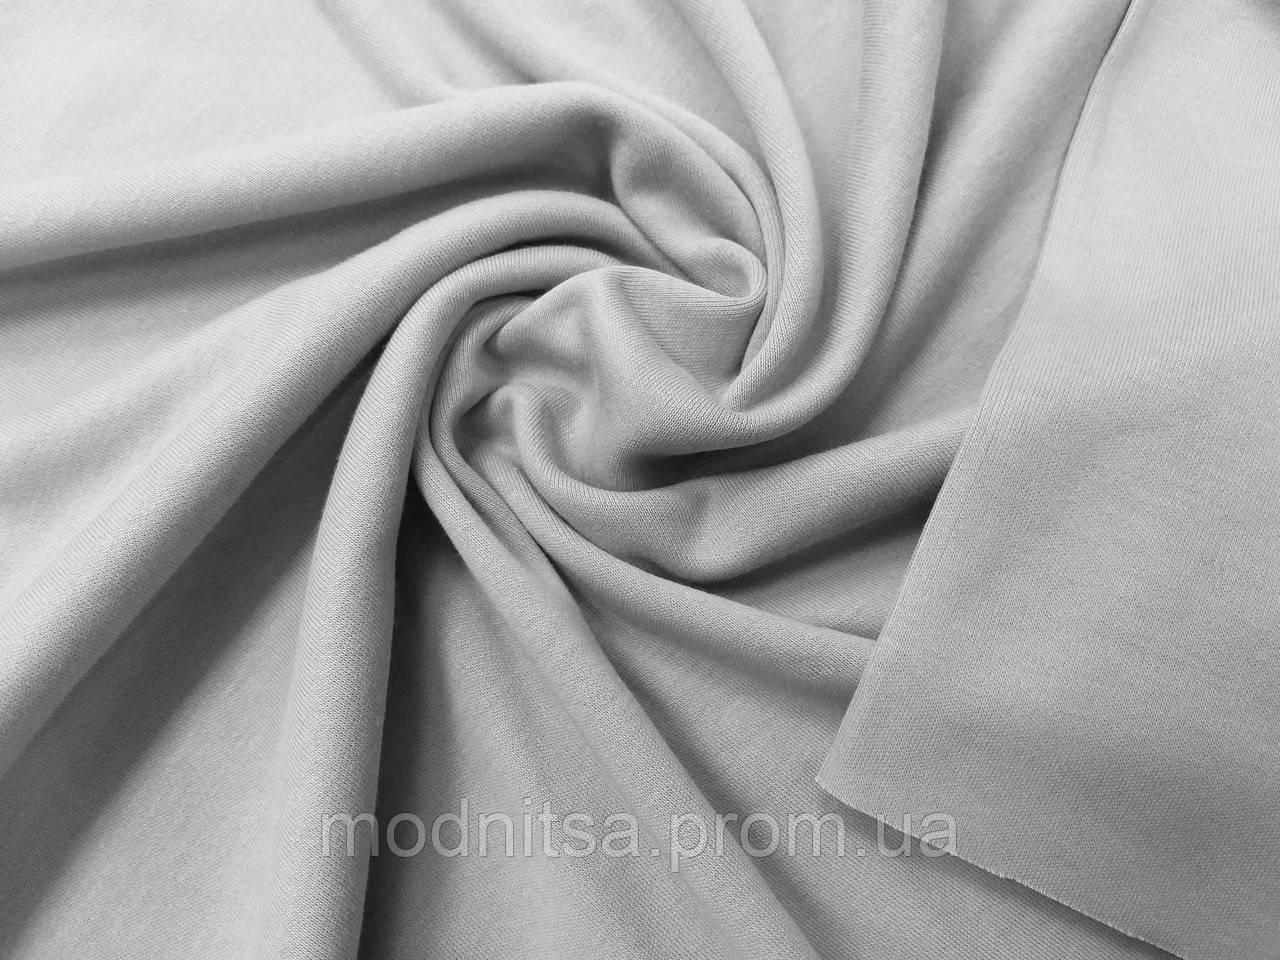 Интерлок узбекистан махровая трикотажная ткань купить